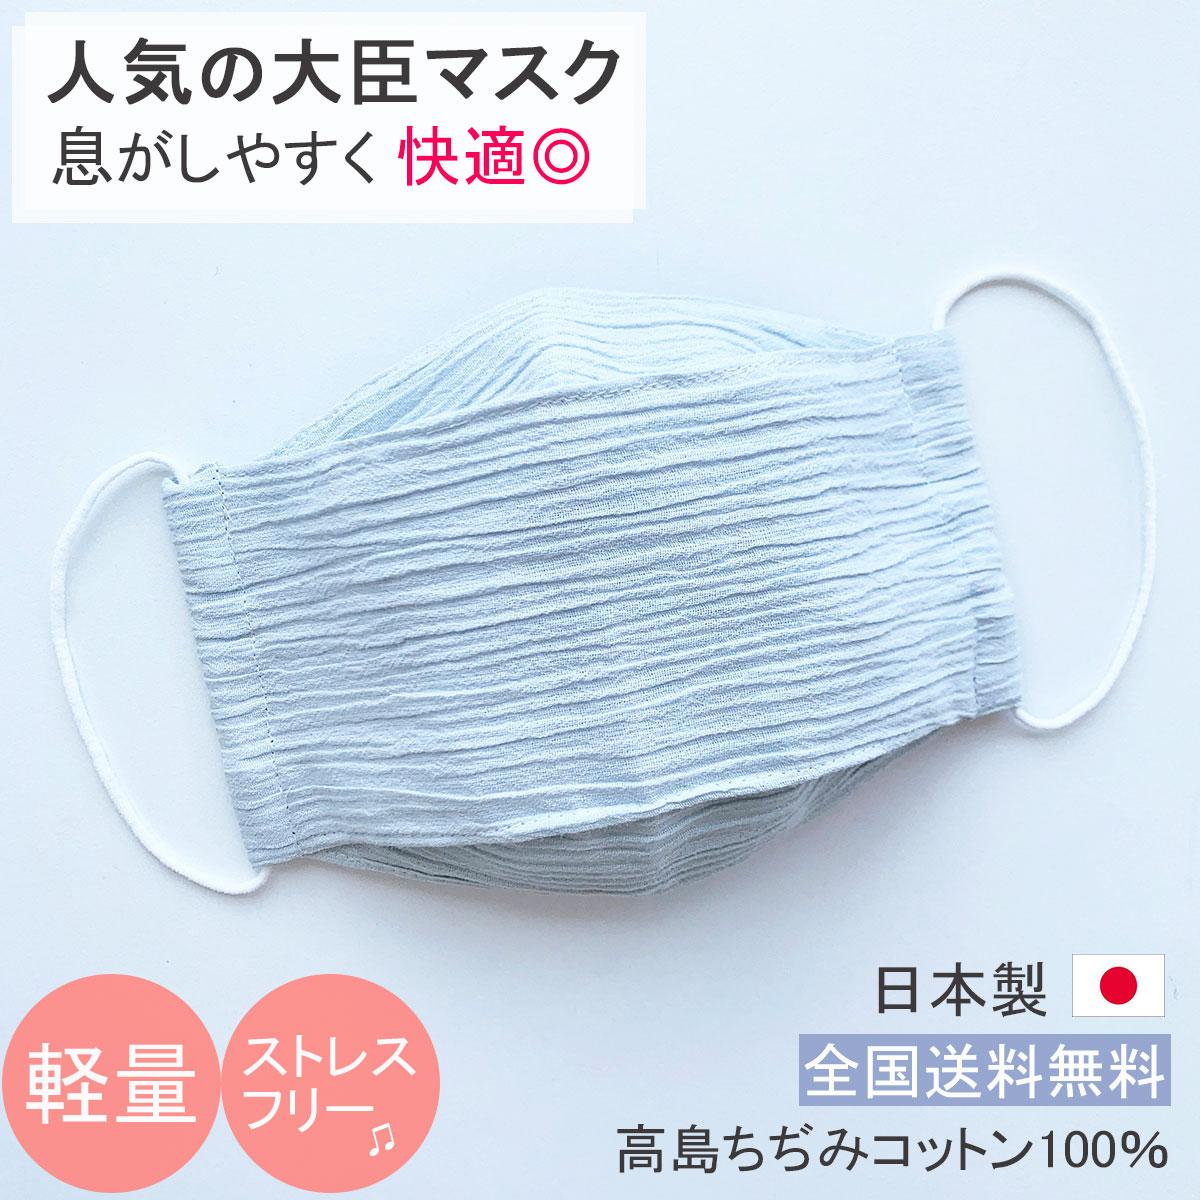 高島ちぢみを使用 不織布マスクがつらい方にもおすすめです コットン生地でお肌にも優しい 立体的に仕上げた日本製 布マスクです セール特別価格 洗って繰り返し使用いただけます 日本製 布マスク 夏用 大きめ 洗える 期間限定送料無料 おしゃれ 送料無料 ペールブルー 快適 Y411 コットン 舟形 就寝 涼しい 高島ちぢみマスク 敏感肌 大臣マスク ギフト